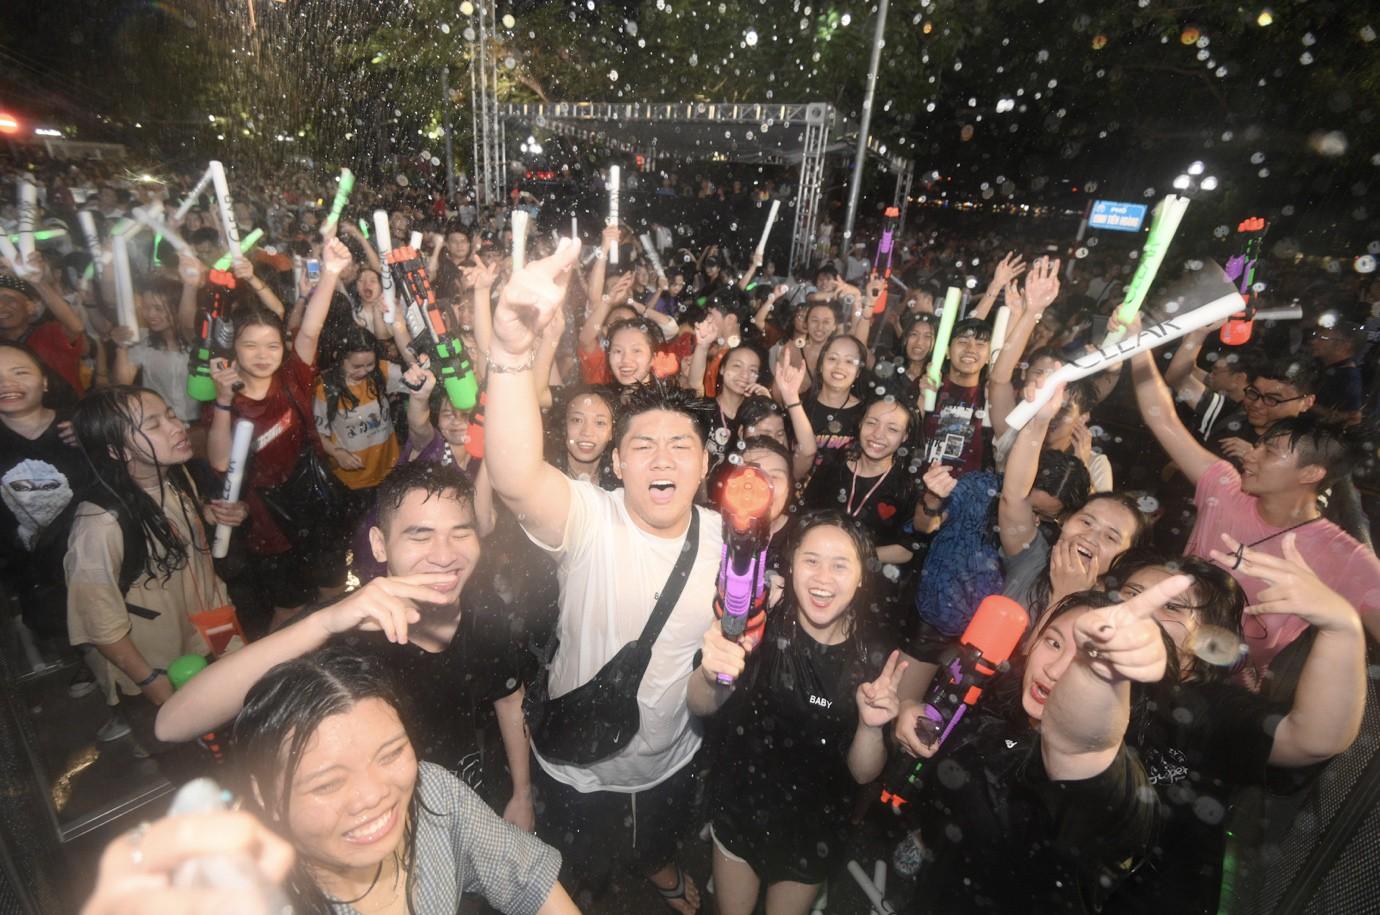 Giới trẻ Hà Nội quẩy tung mát lạnh trong đại tiệc nước và âm nhạc Clear cực đỉnh - Ảnh 7.